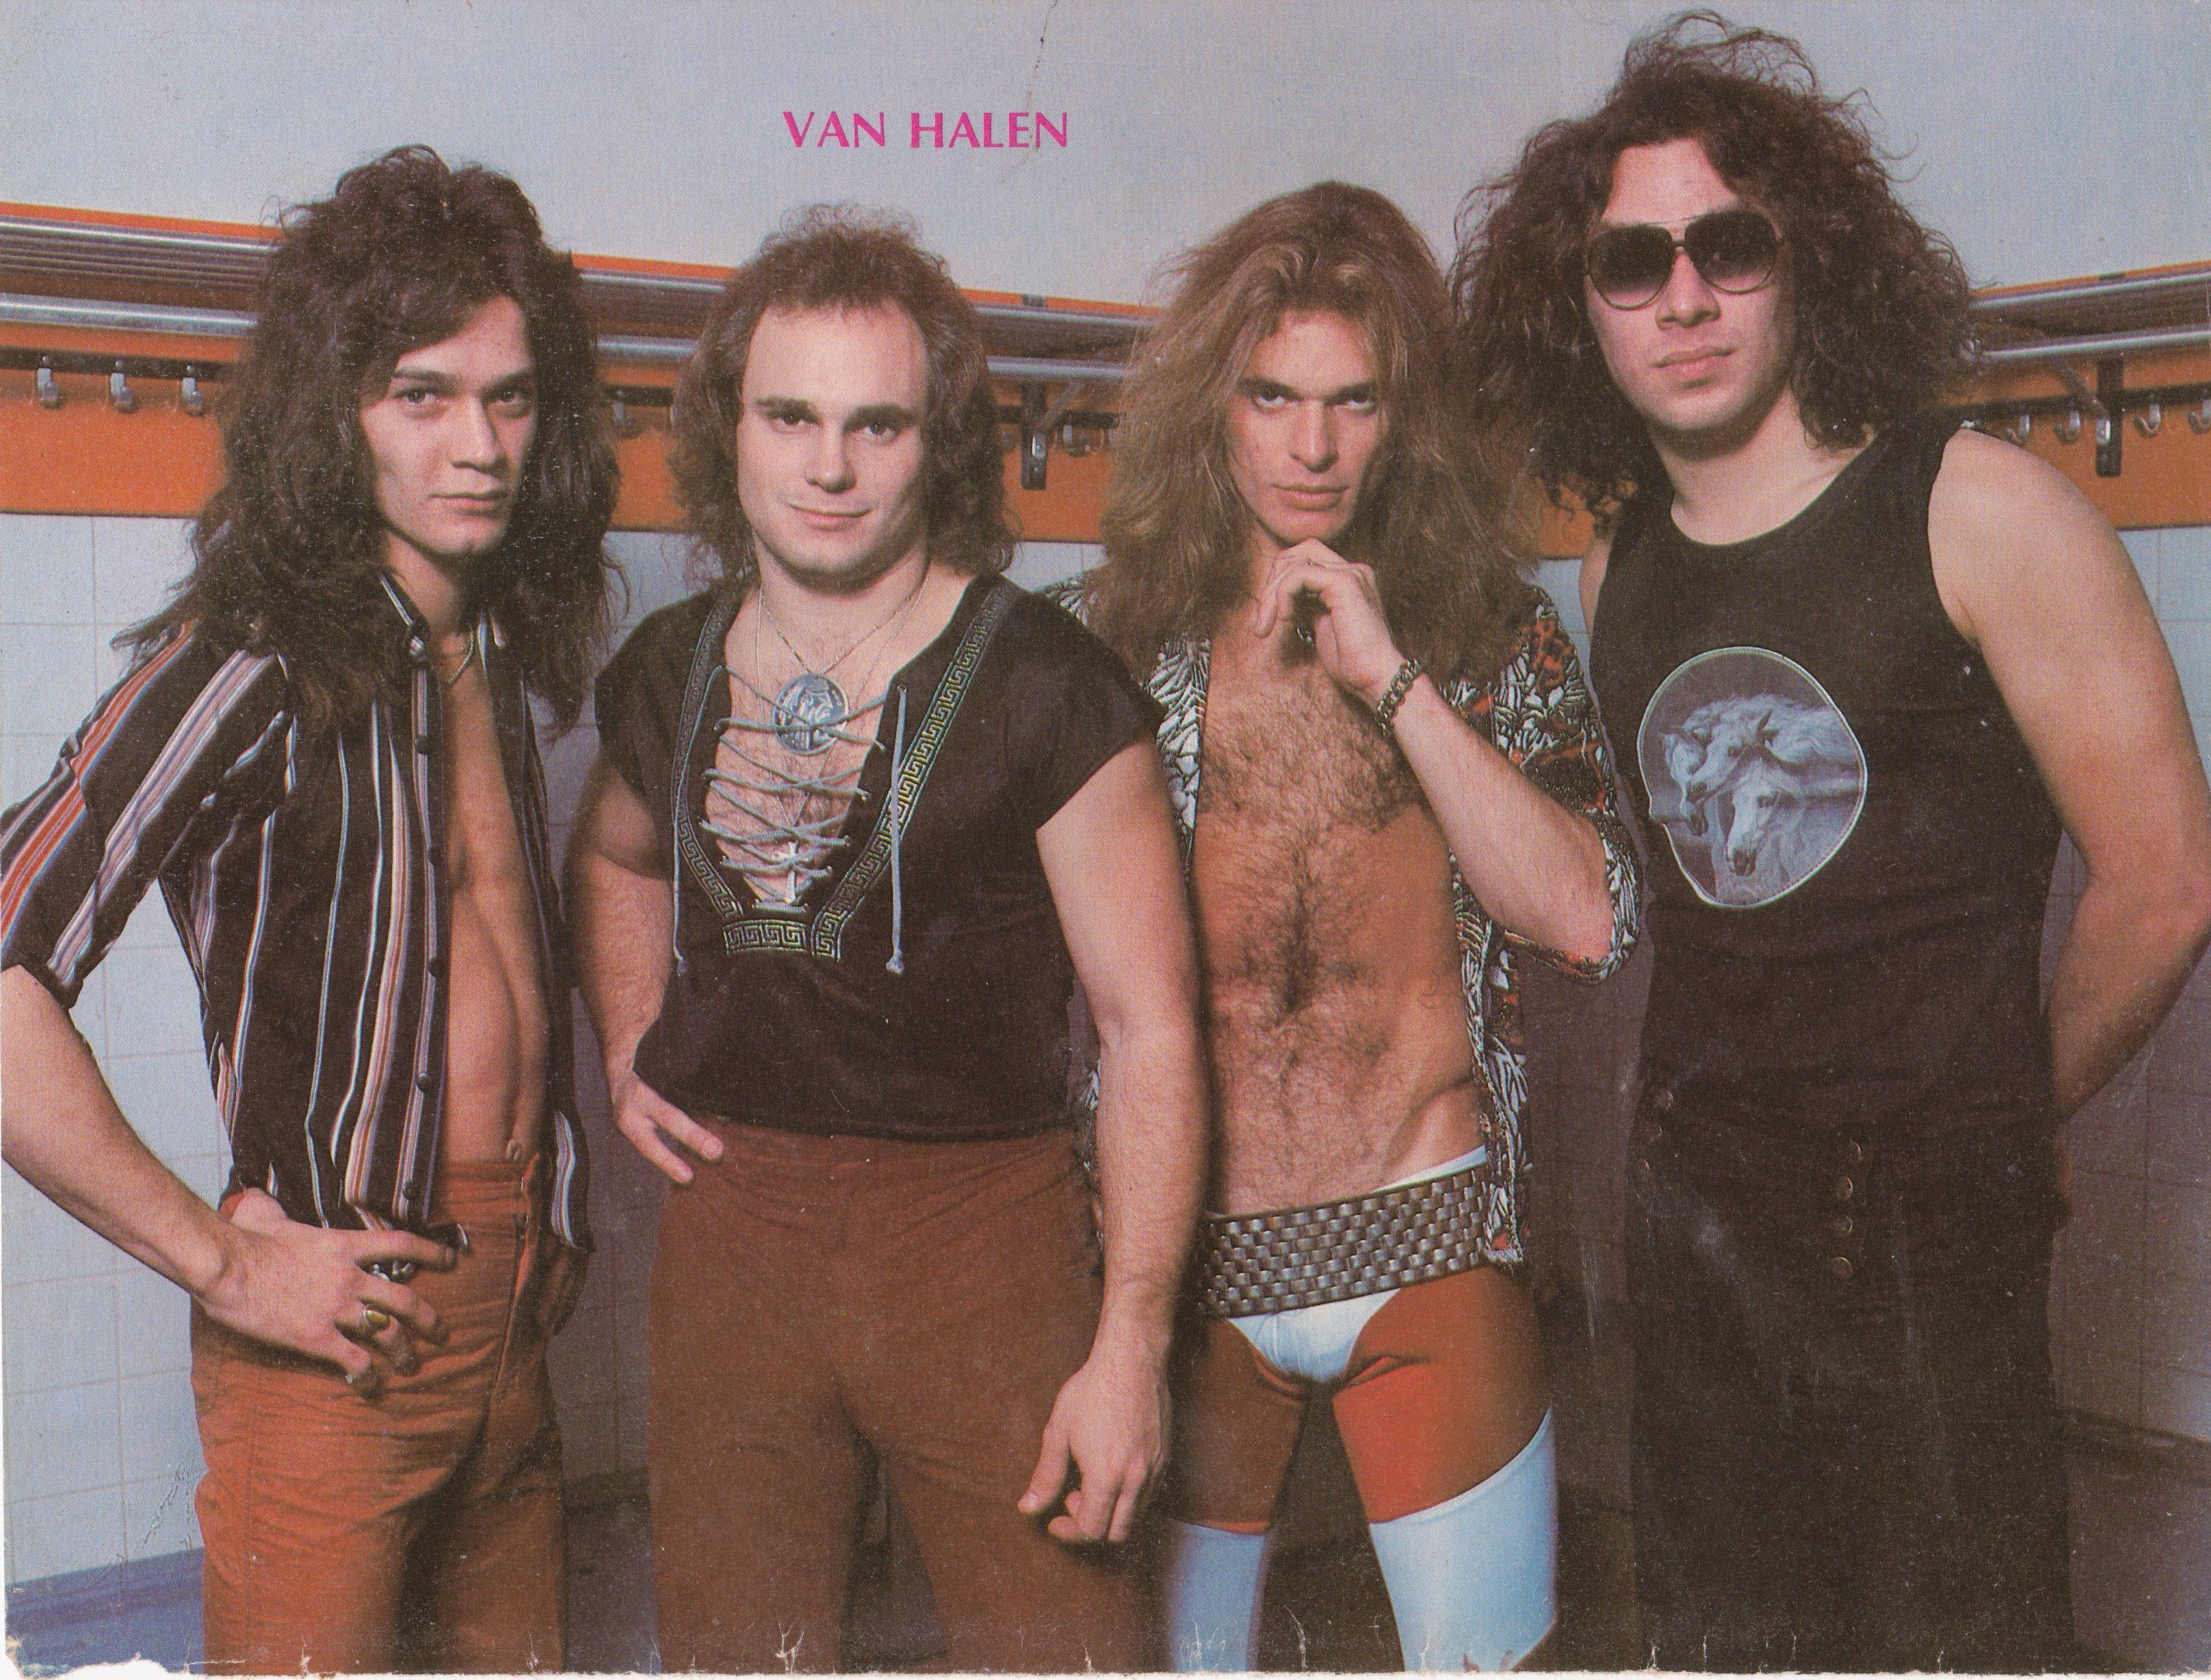 Young Van Halen